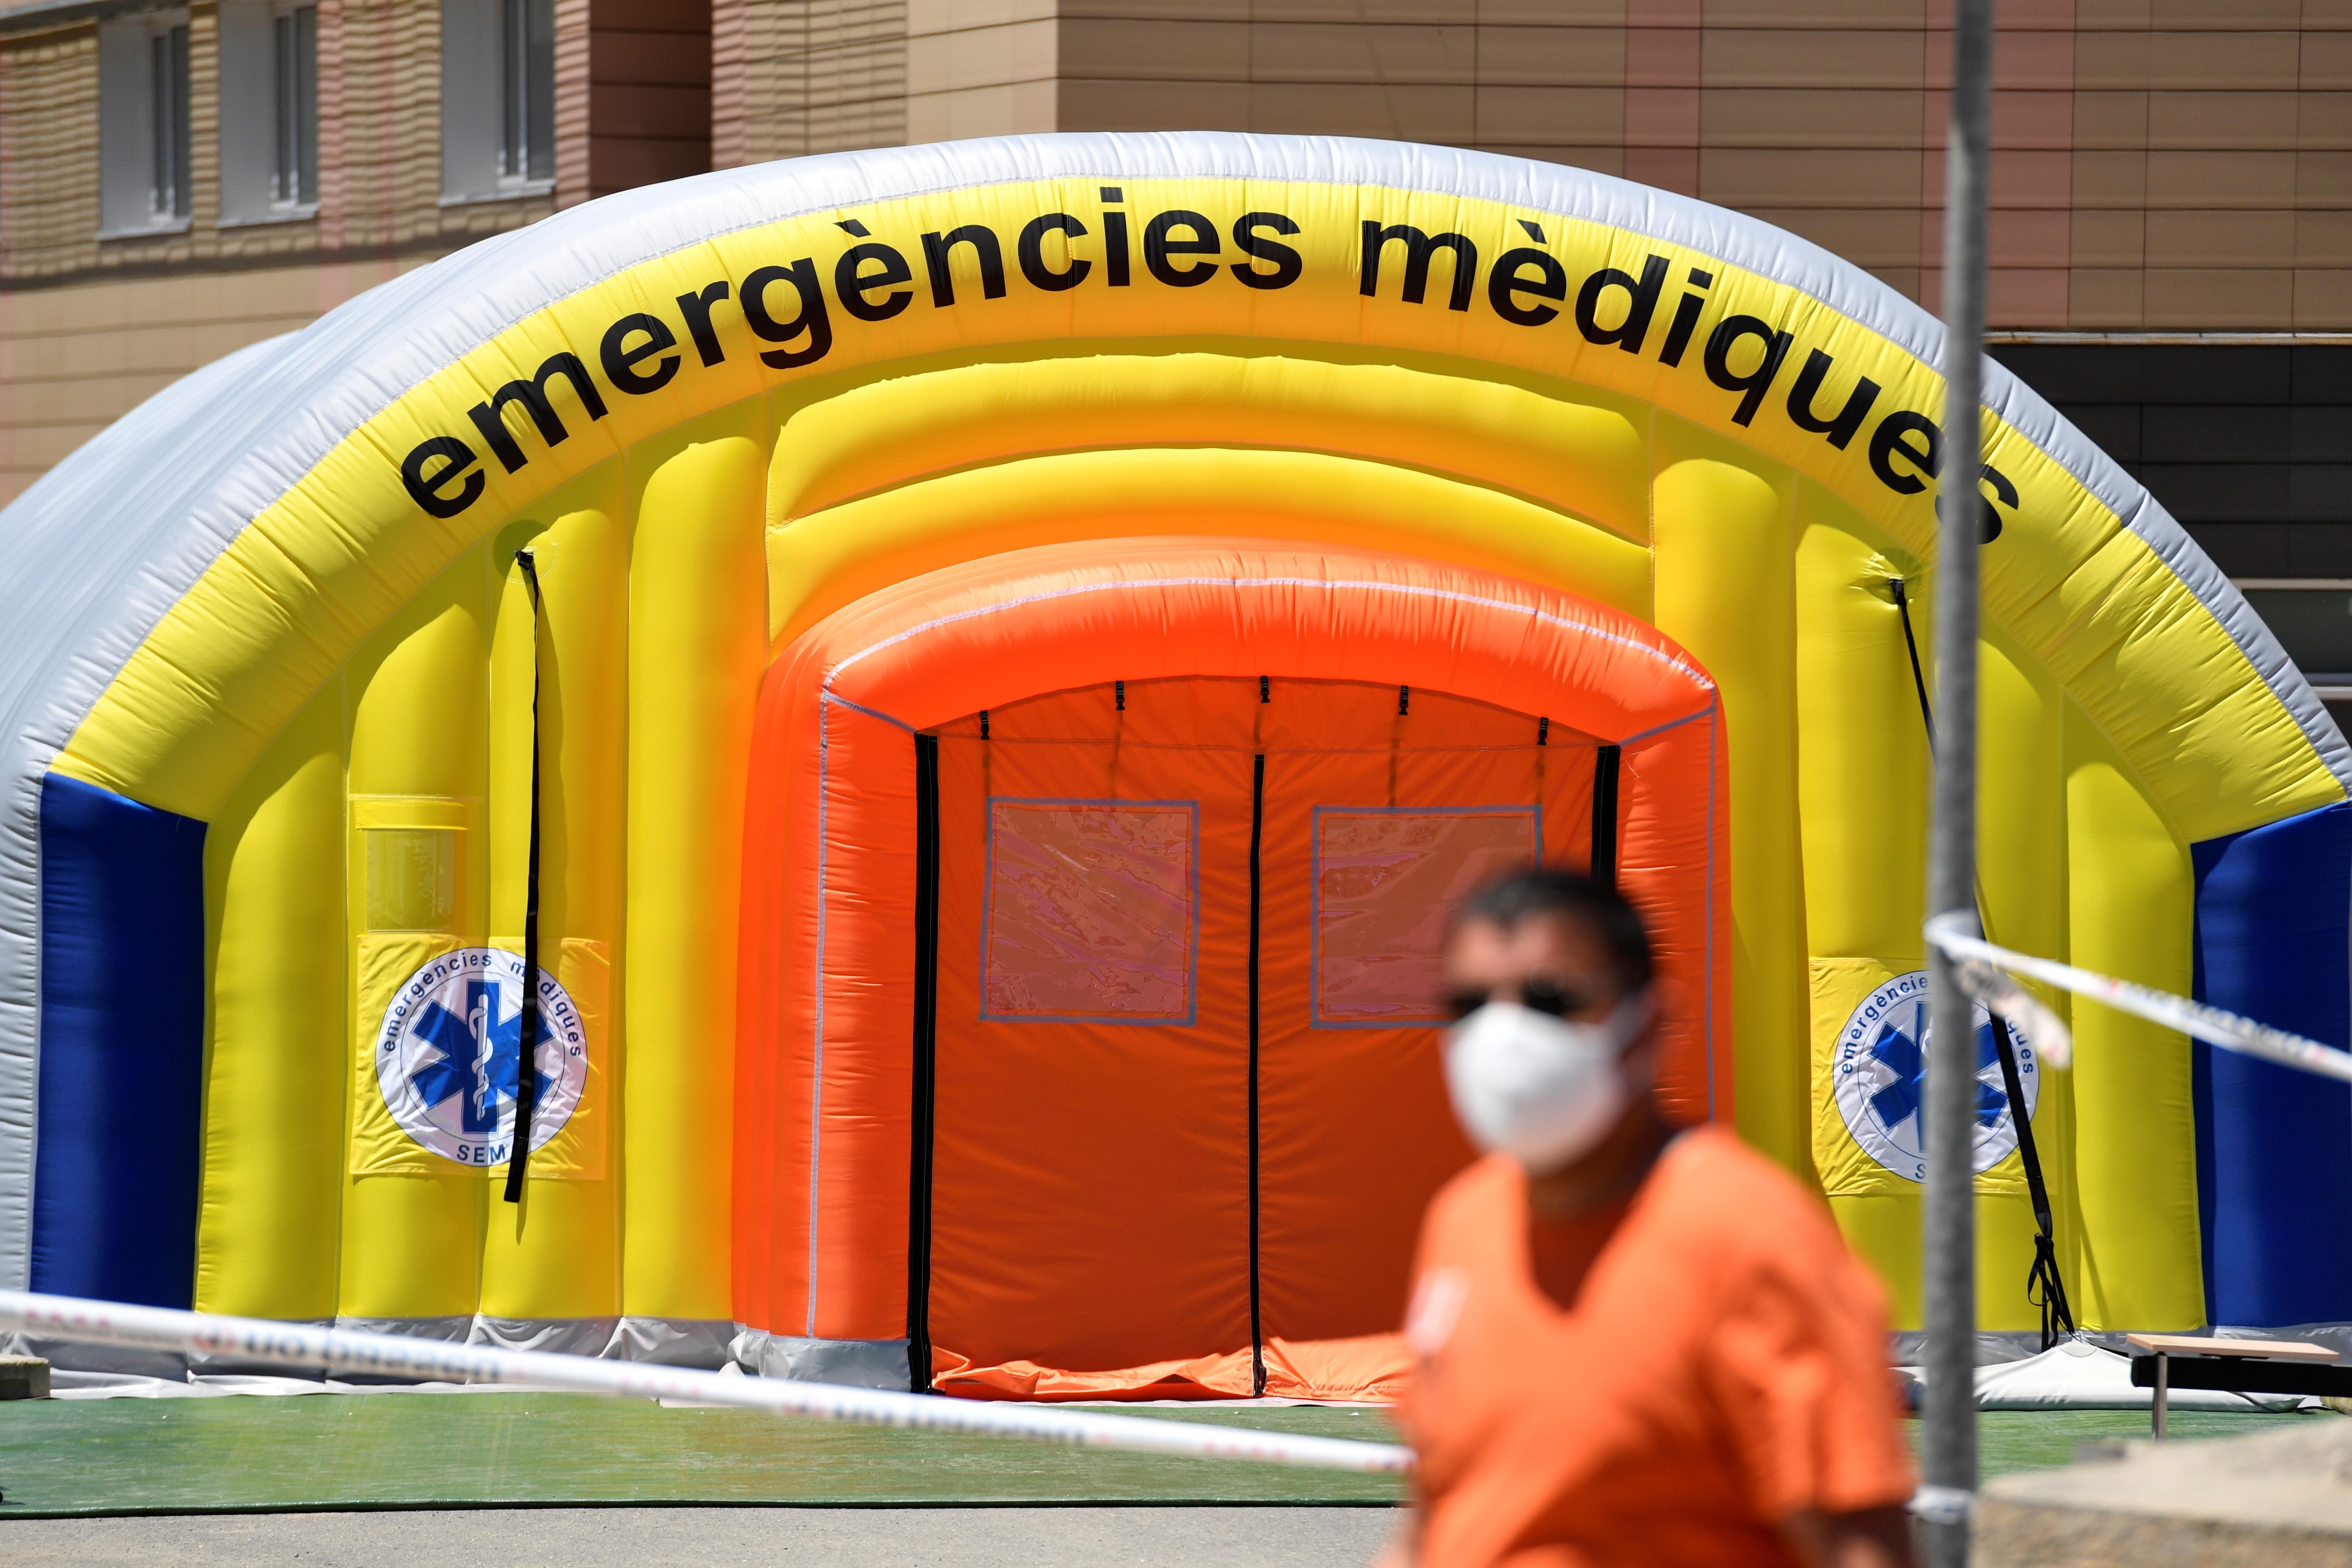 Rekordszámú új fertőzött Bulgáriában, míg Katalóniában 200 ezer ember került vesztegzár alá